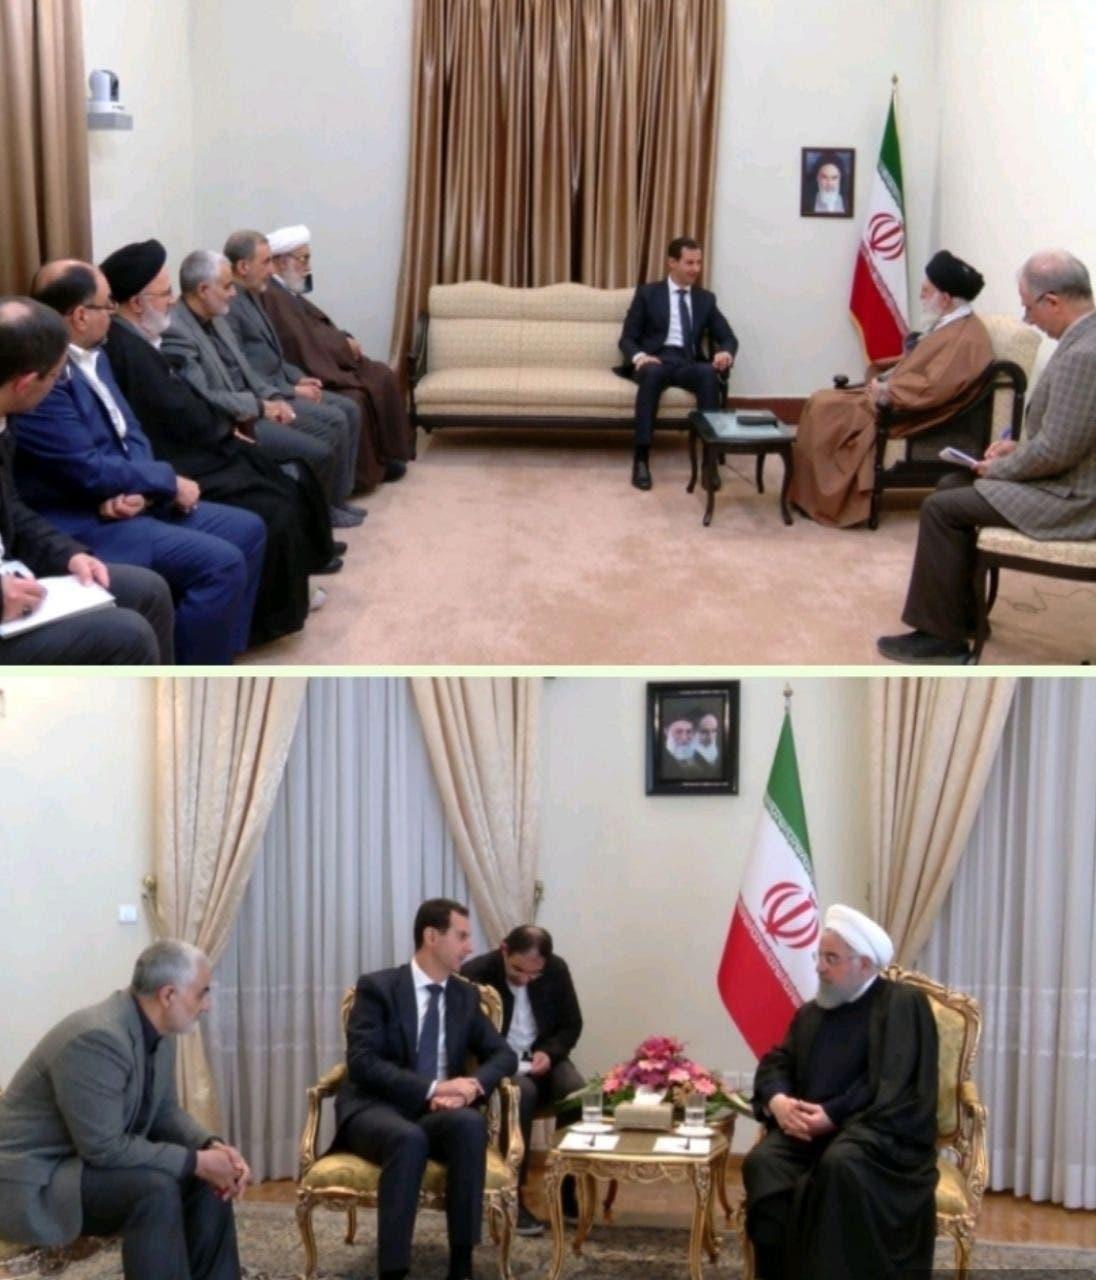 غياب واضح لجواد ظريف عن اجتماعات الأسد في طهران